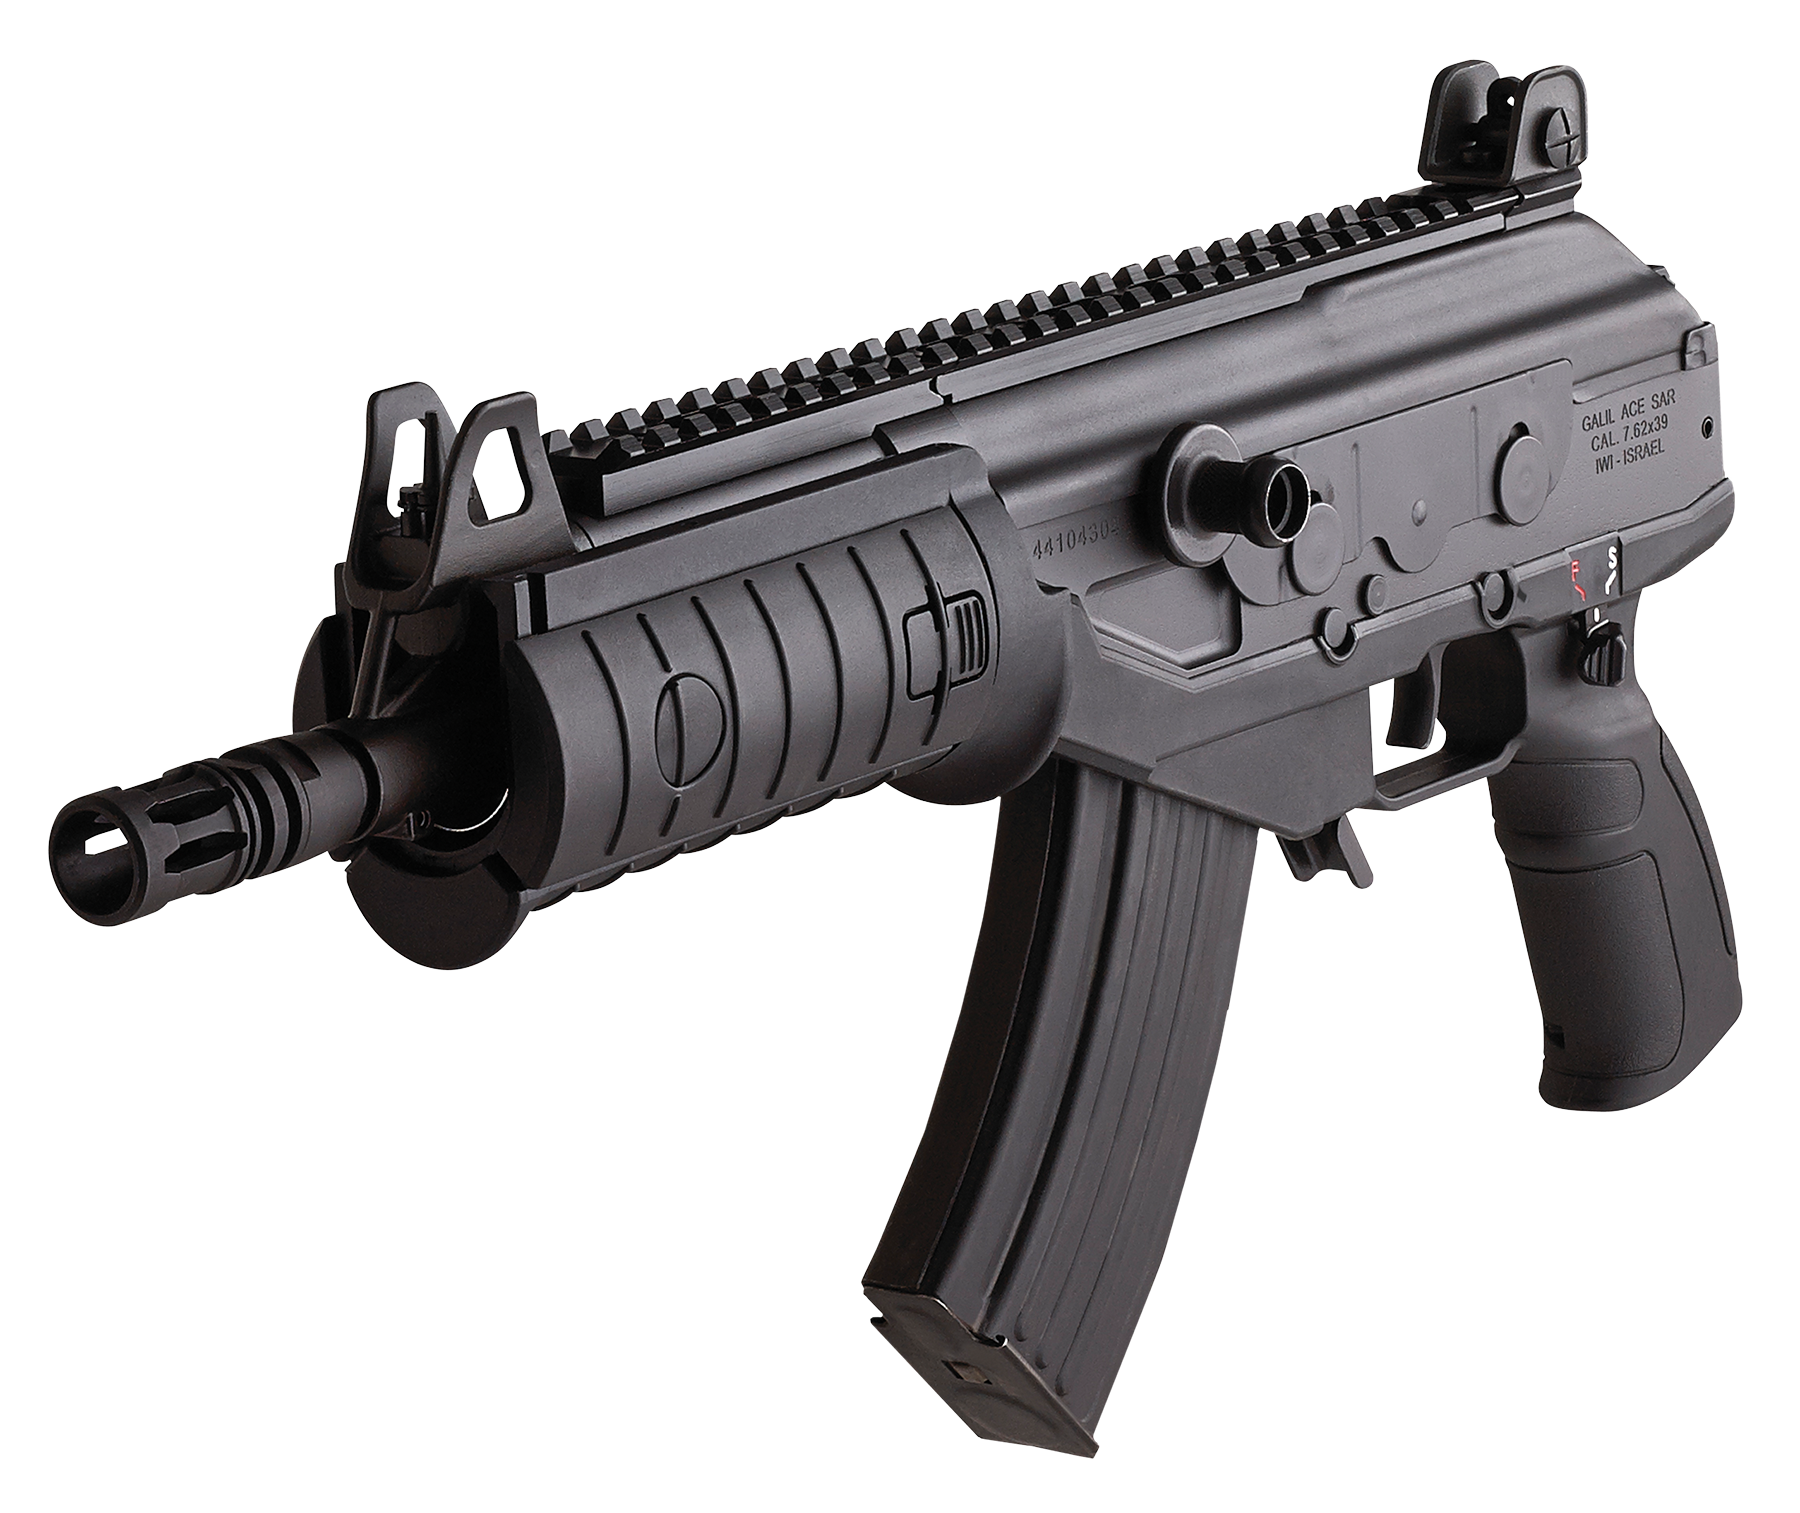 IWI US Galil Ace 7 62x39 with Stabilizing Brace GAP39SB